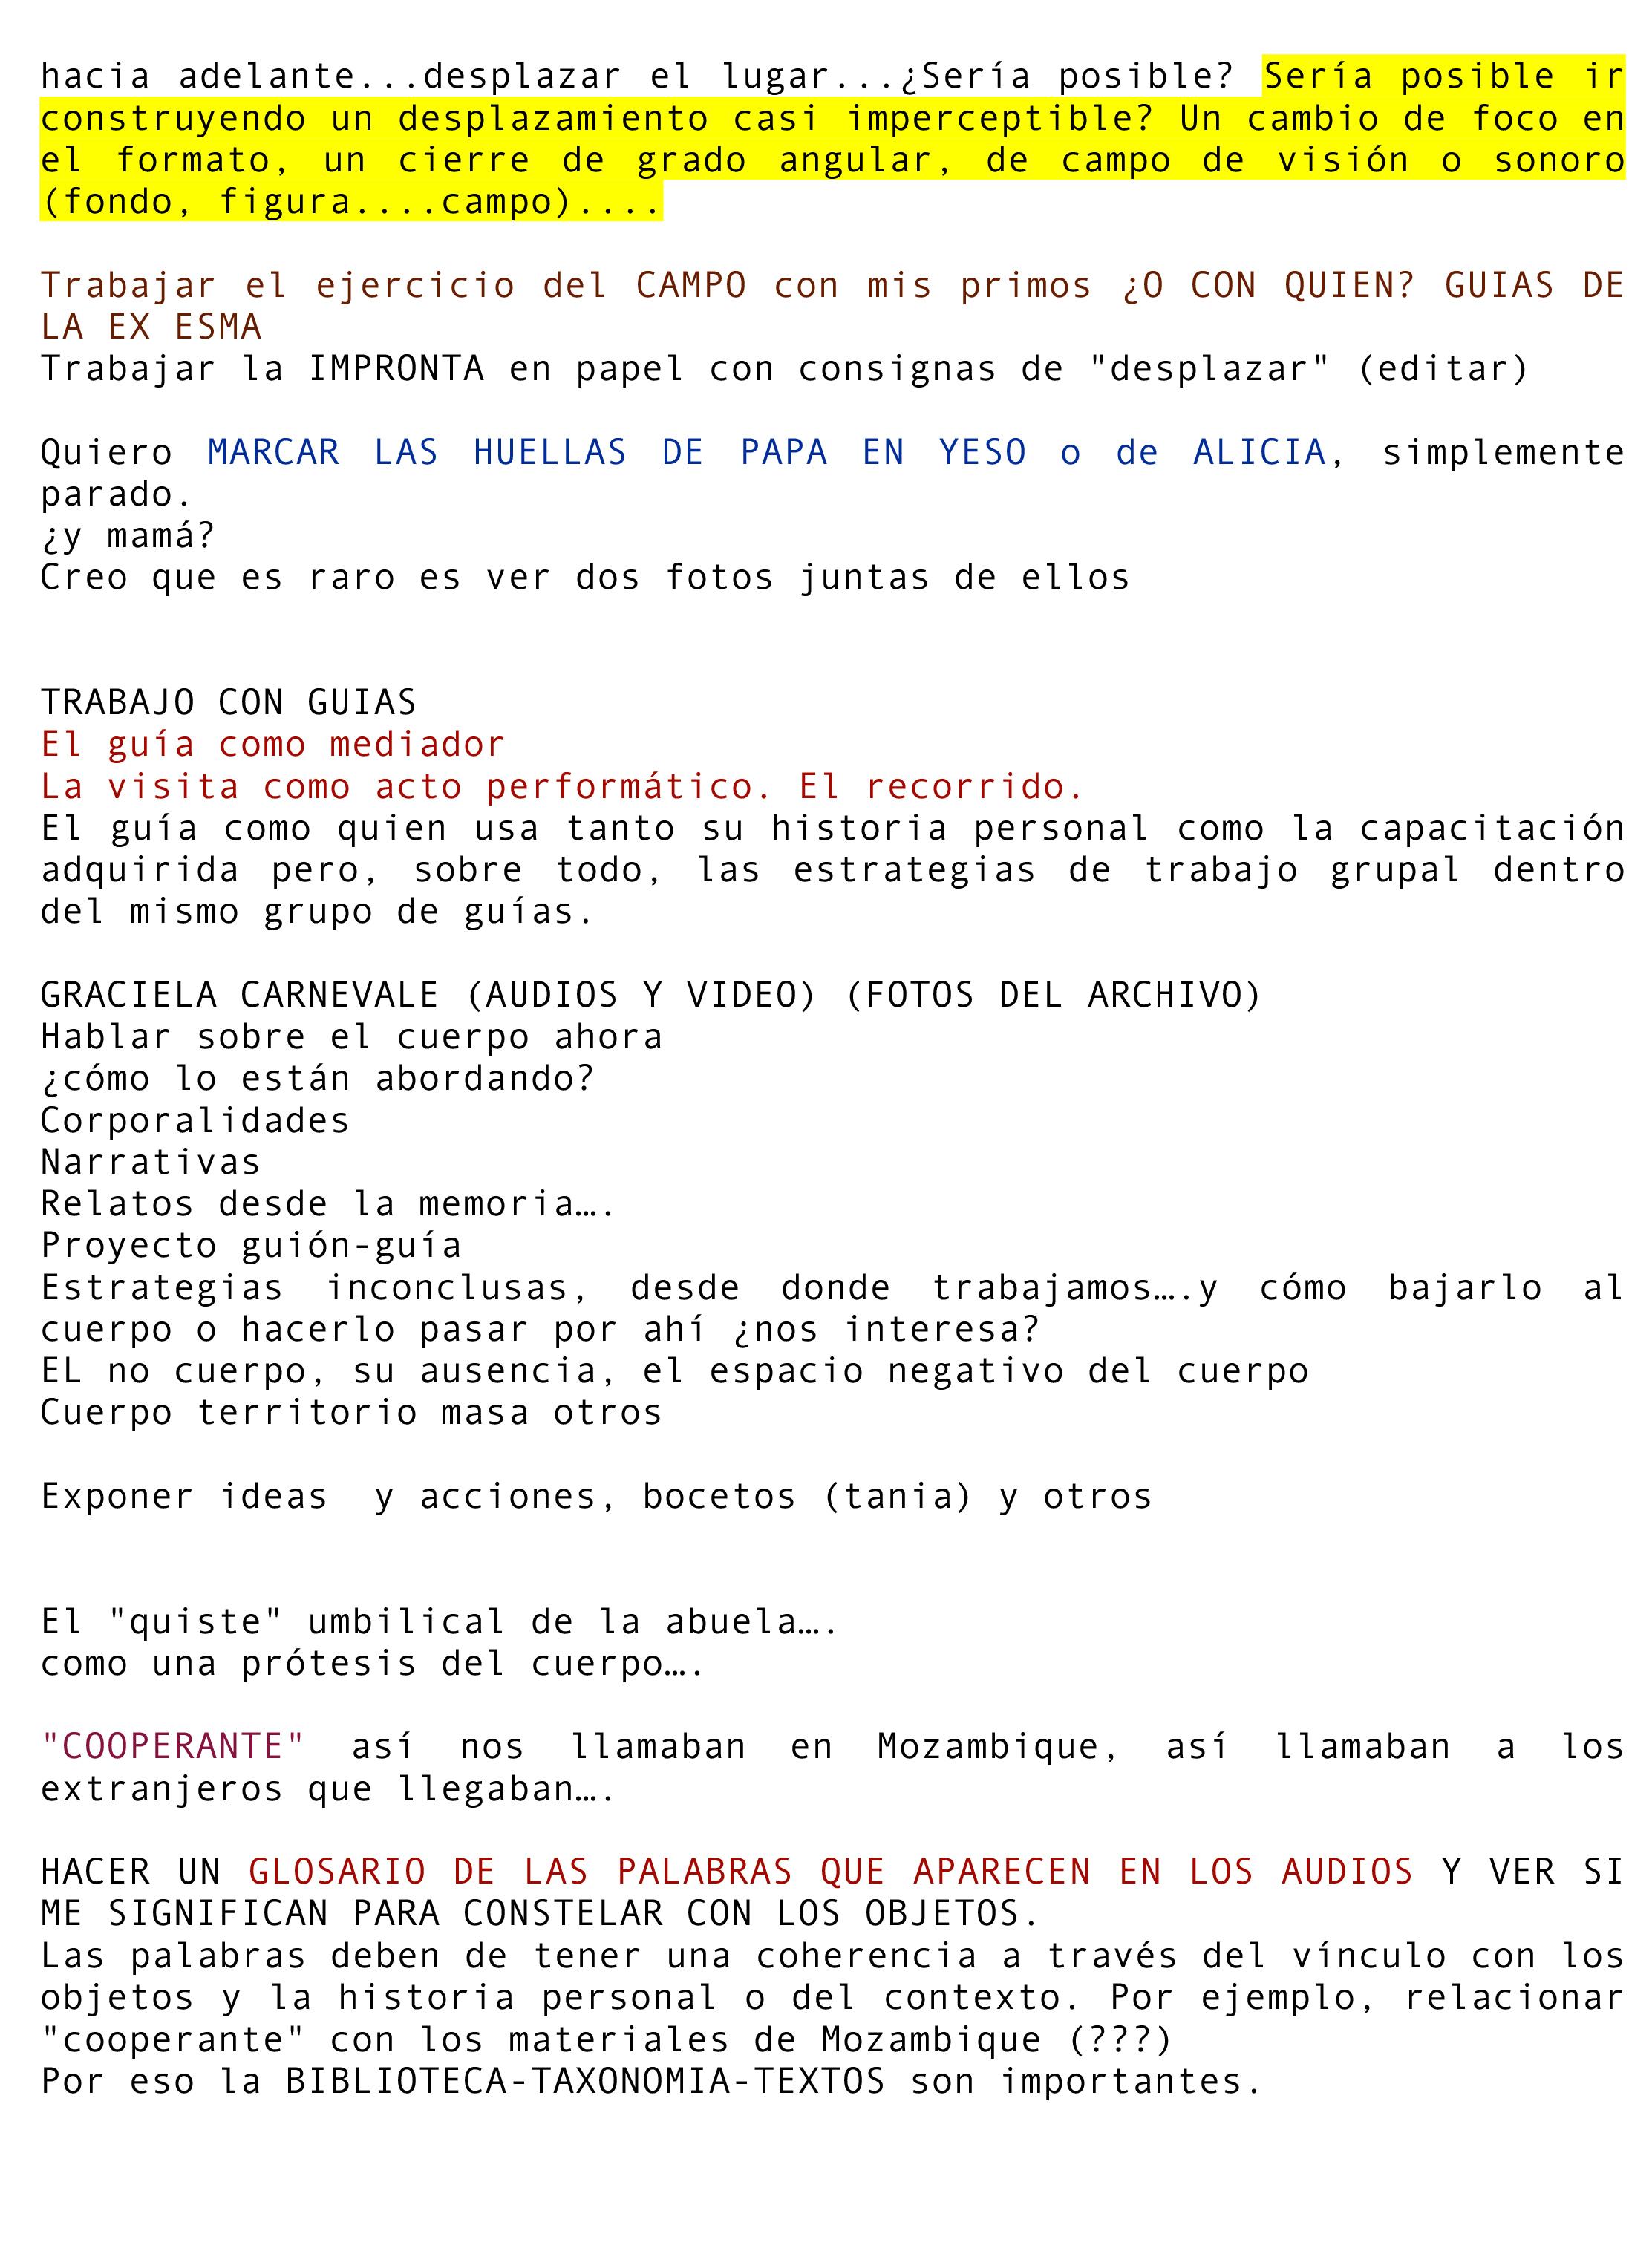 DIARIO_ARGENTINA-7.jpg